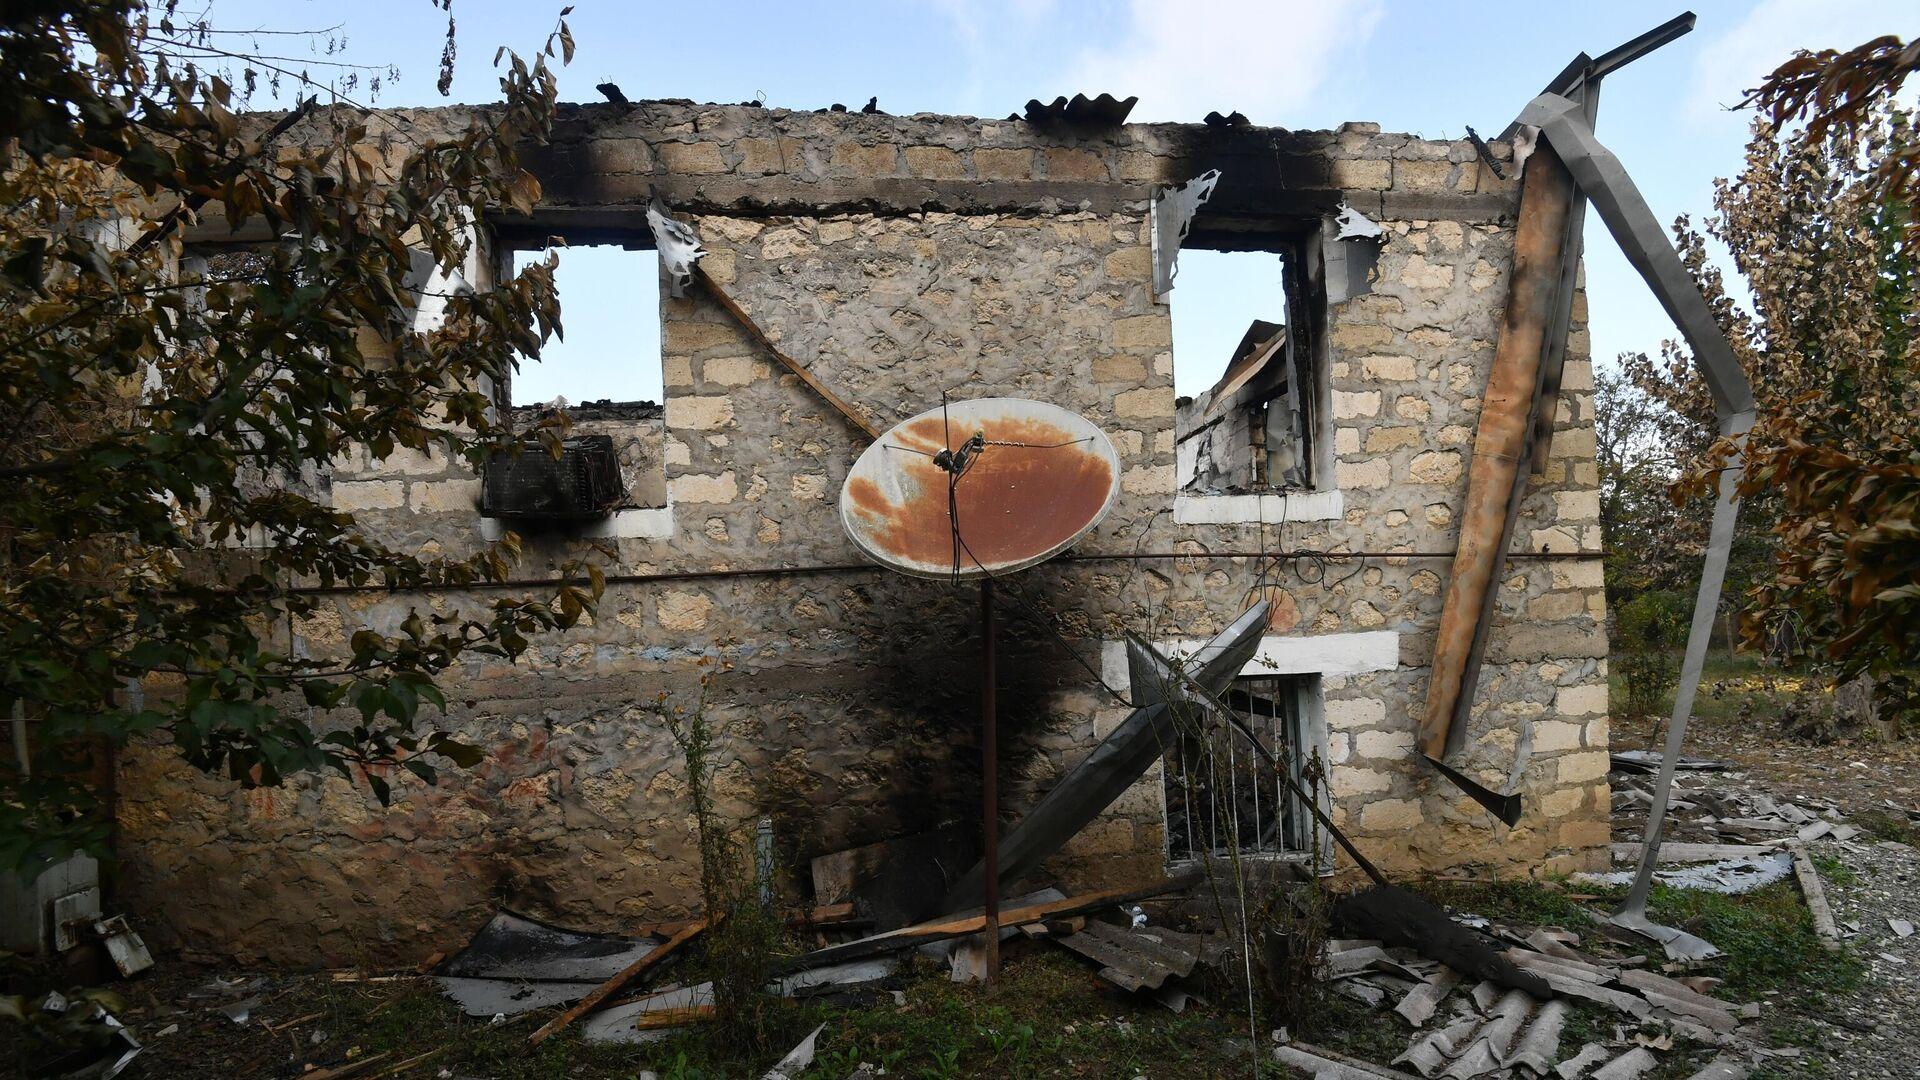 Разрушенный дом в результате обстрела в селе Карадаглы Агдамского района в Азербайджане - РИА Новости, 1920, 23.10.2020